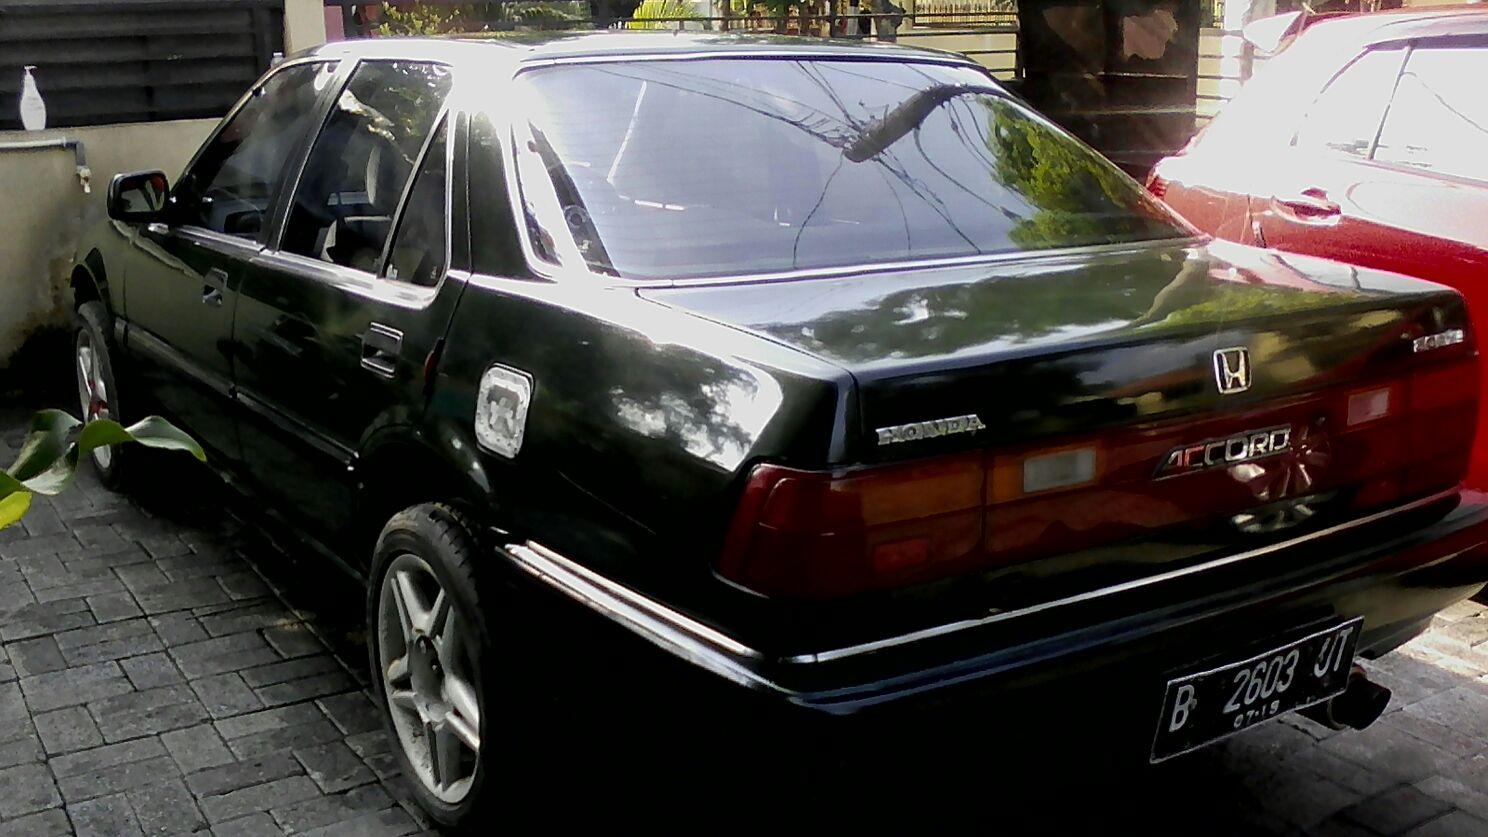 46 Koleksi Modifikasi Mobil Honda Accord Prestige 86 Gratis